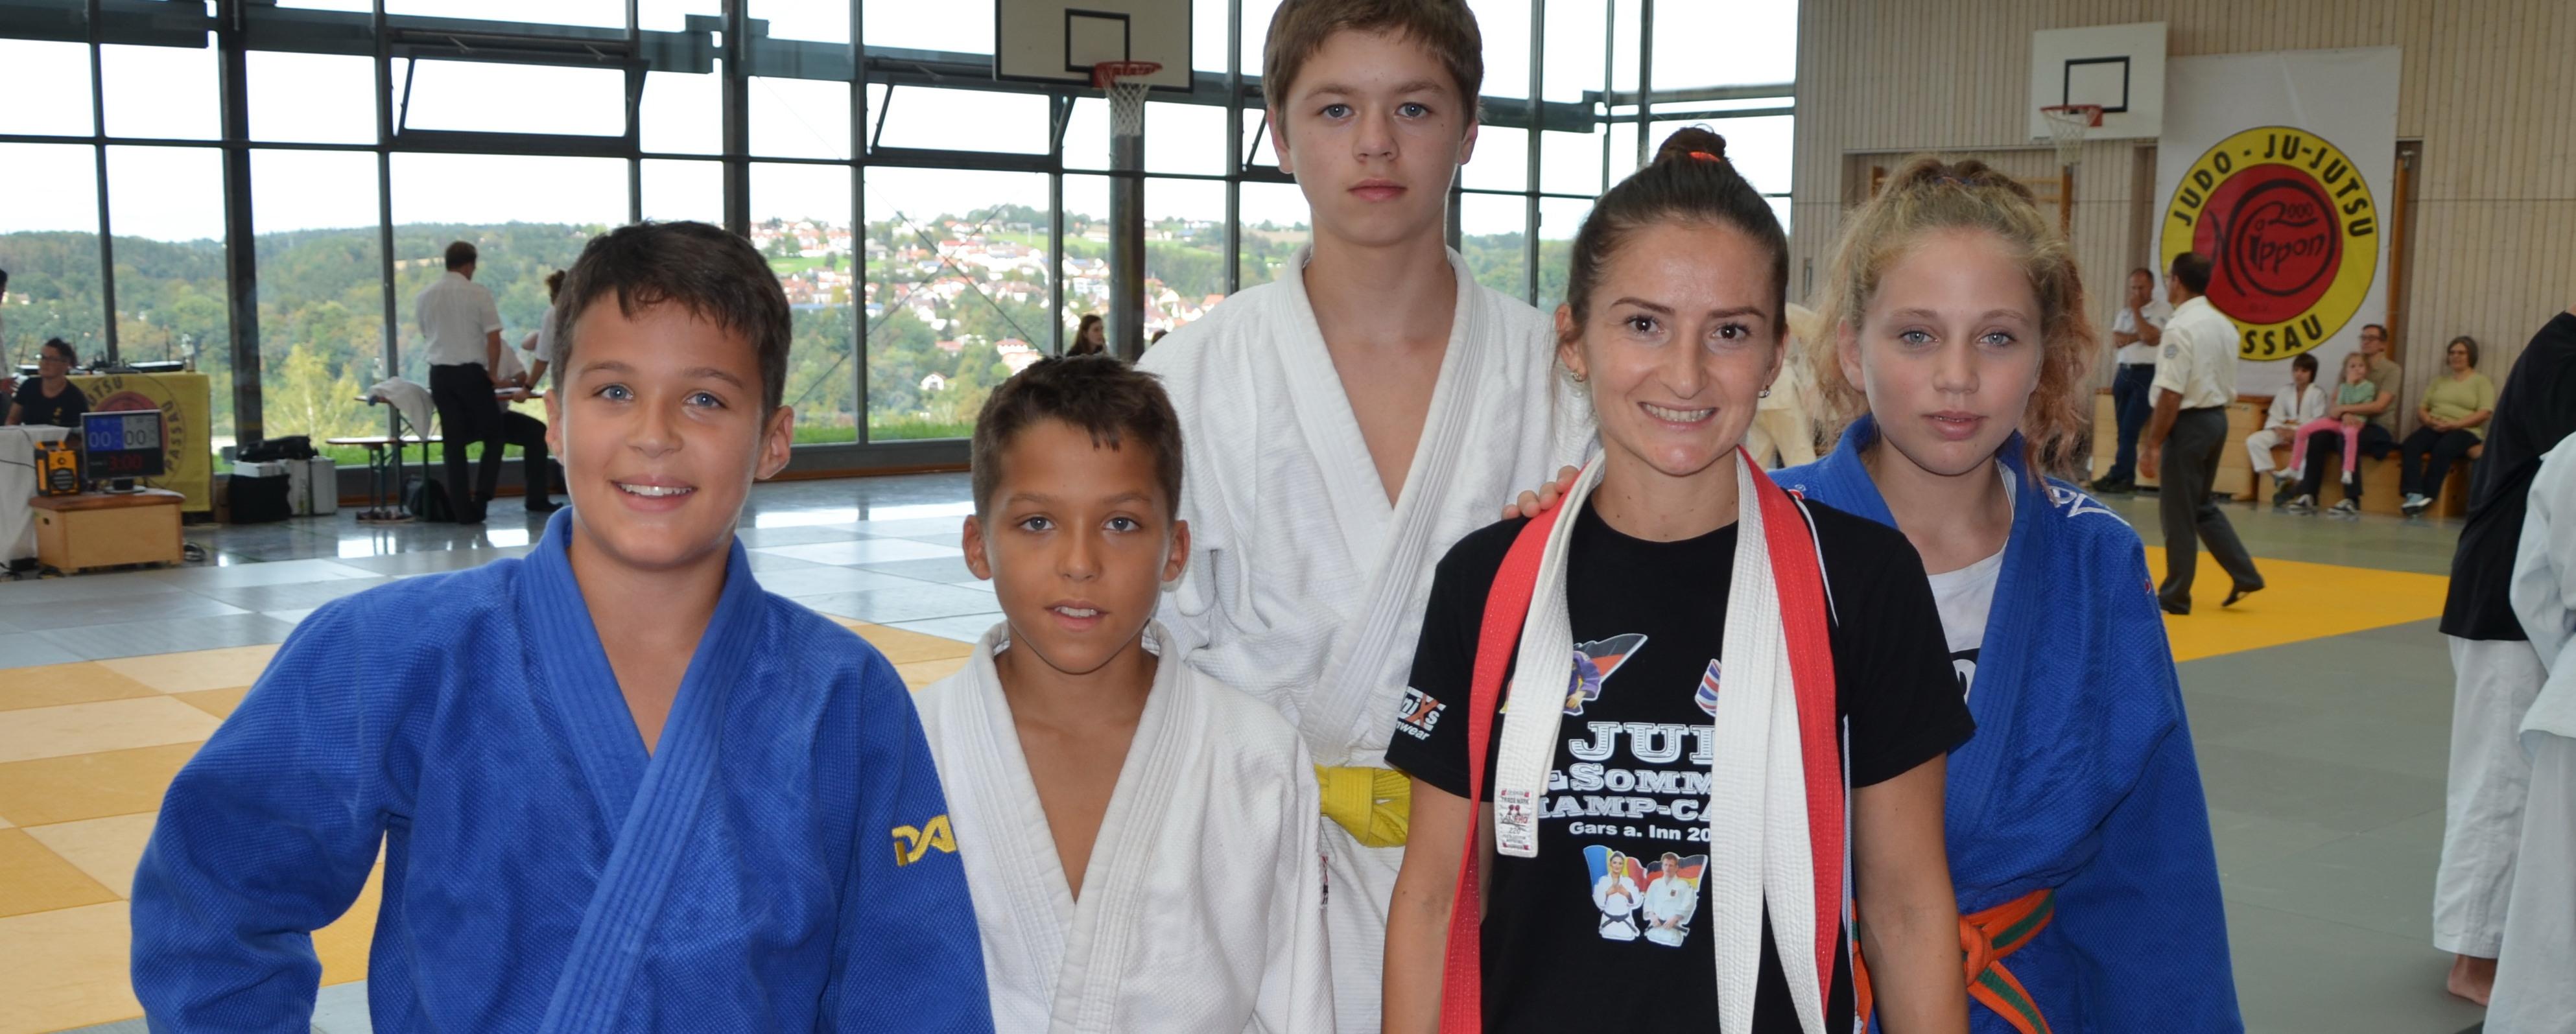 TuS-Judoka qualifizieren sich für die Bayerische Meisterschaft